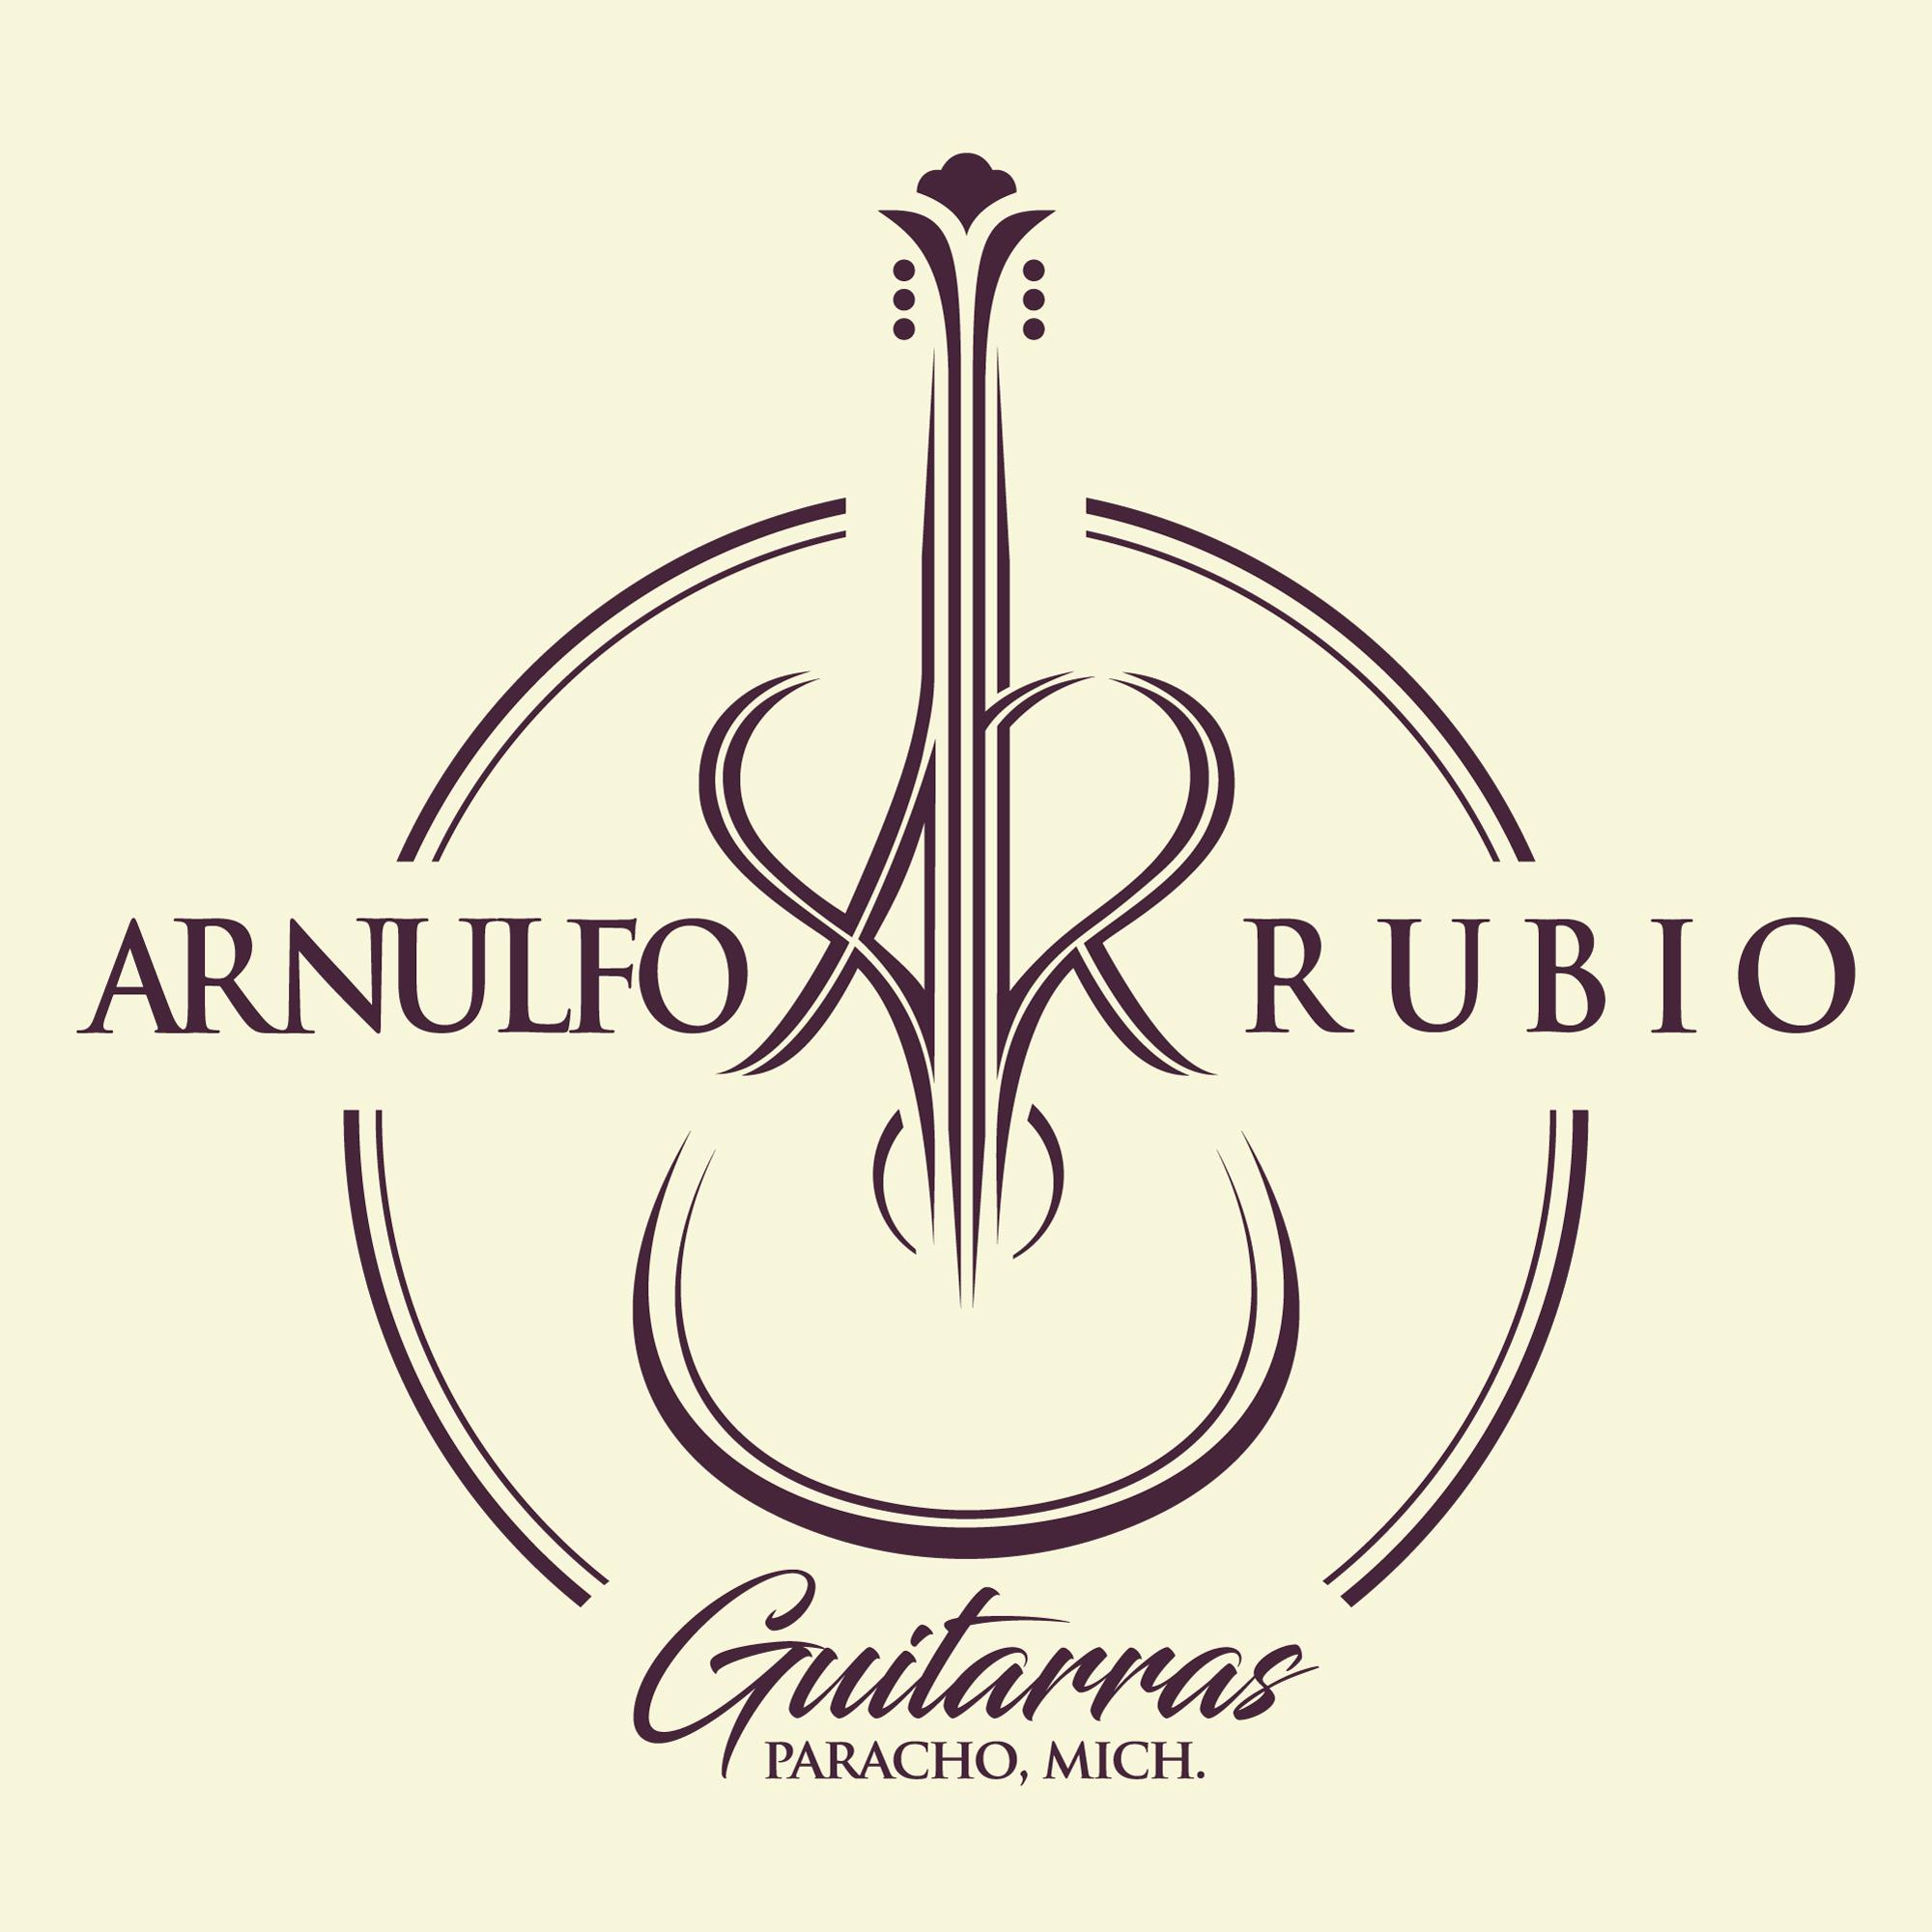 ArnulfoRubio_Logotipo_Positivo